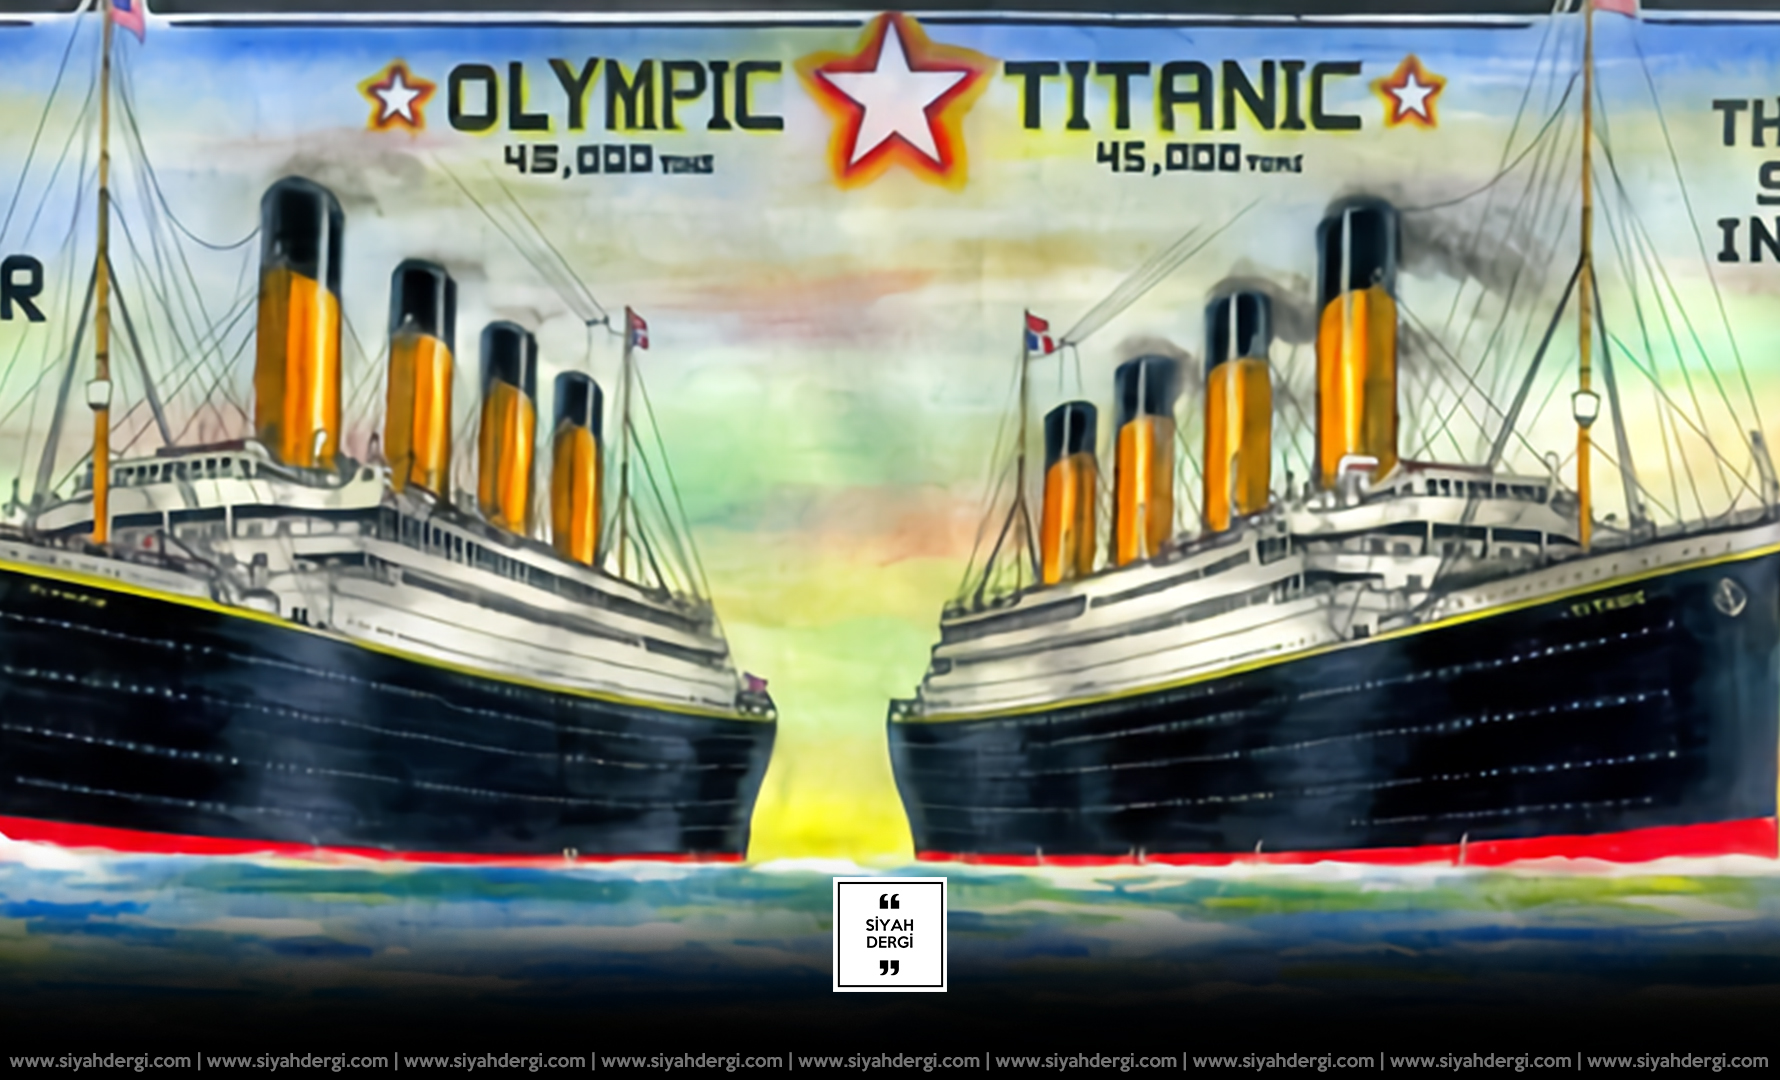 Titanik gerçekten battı mı?